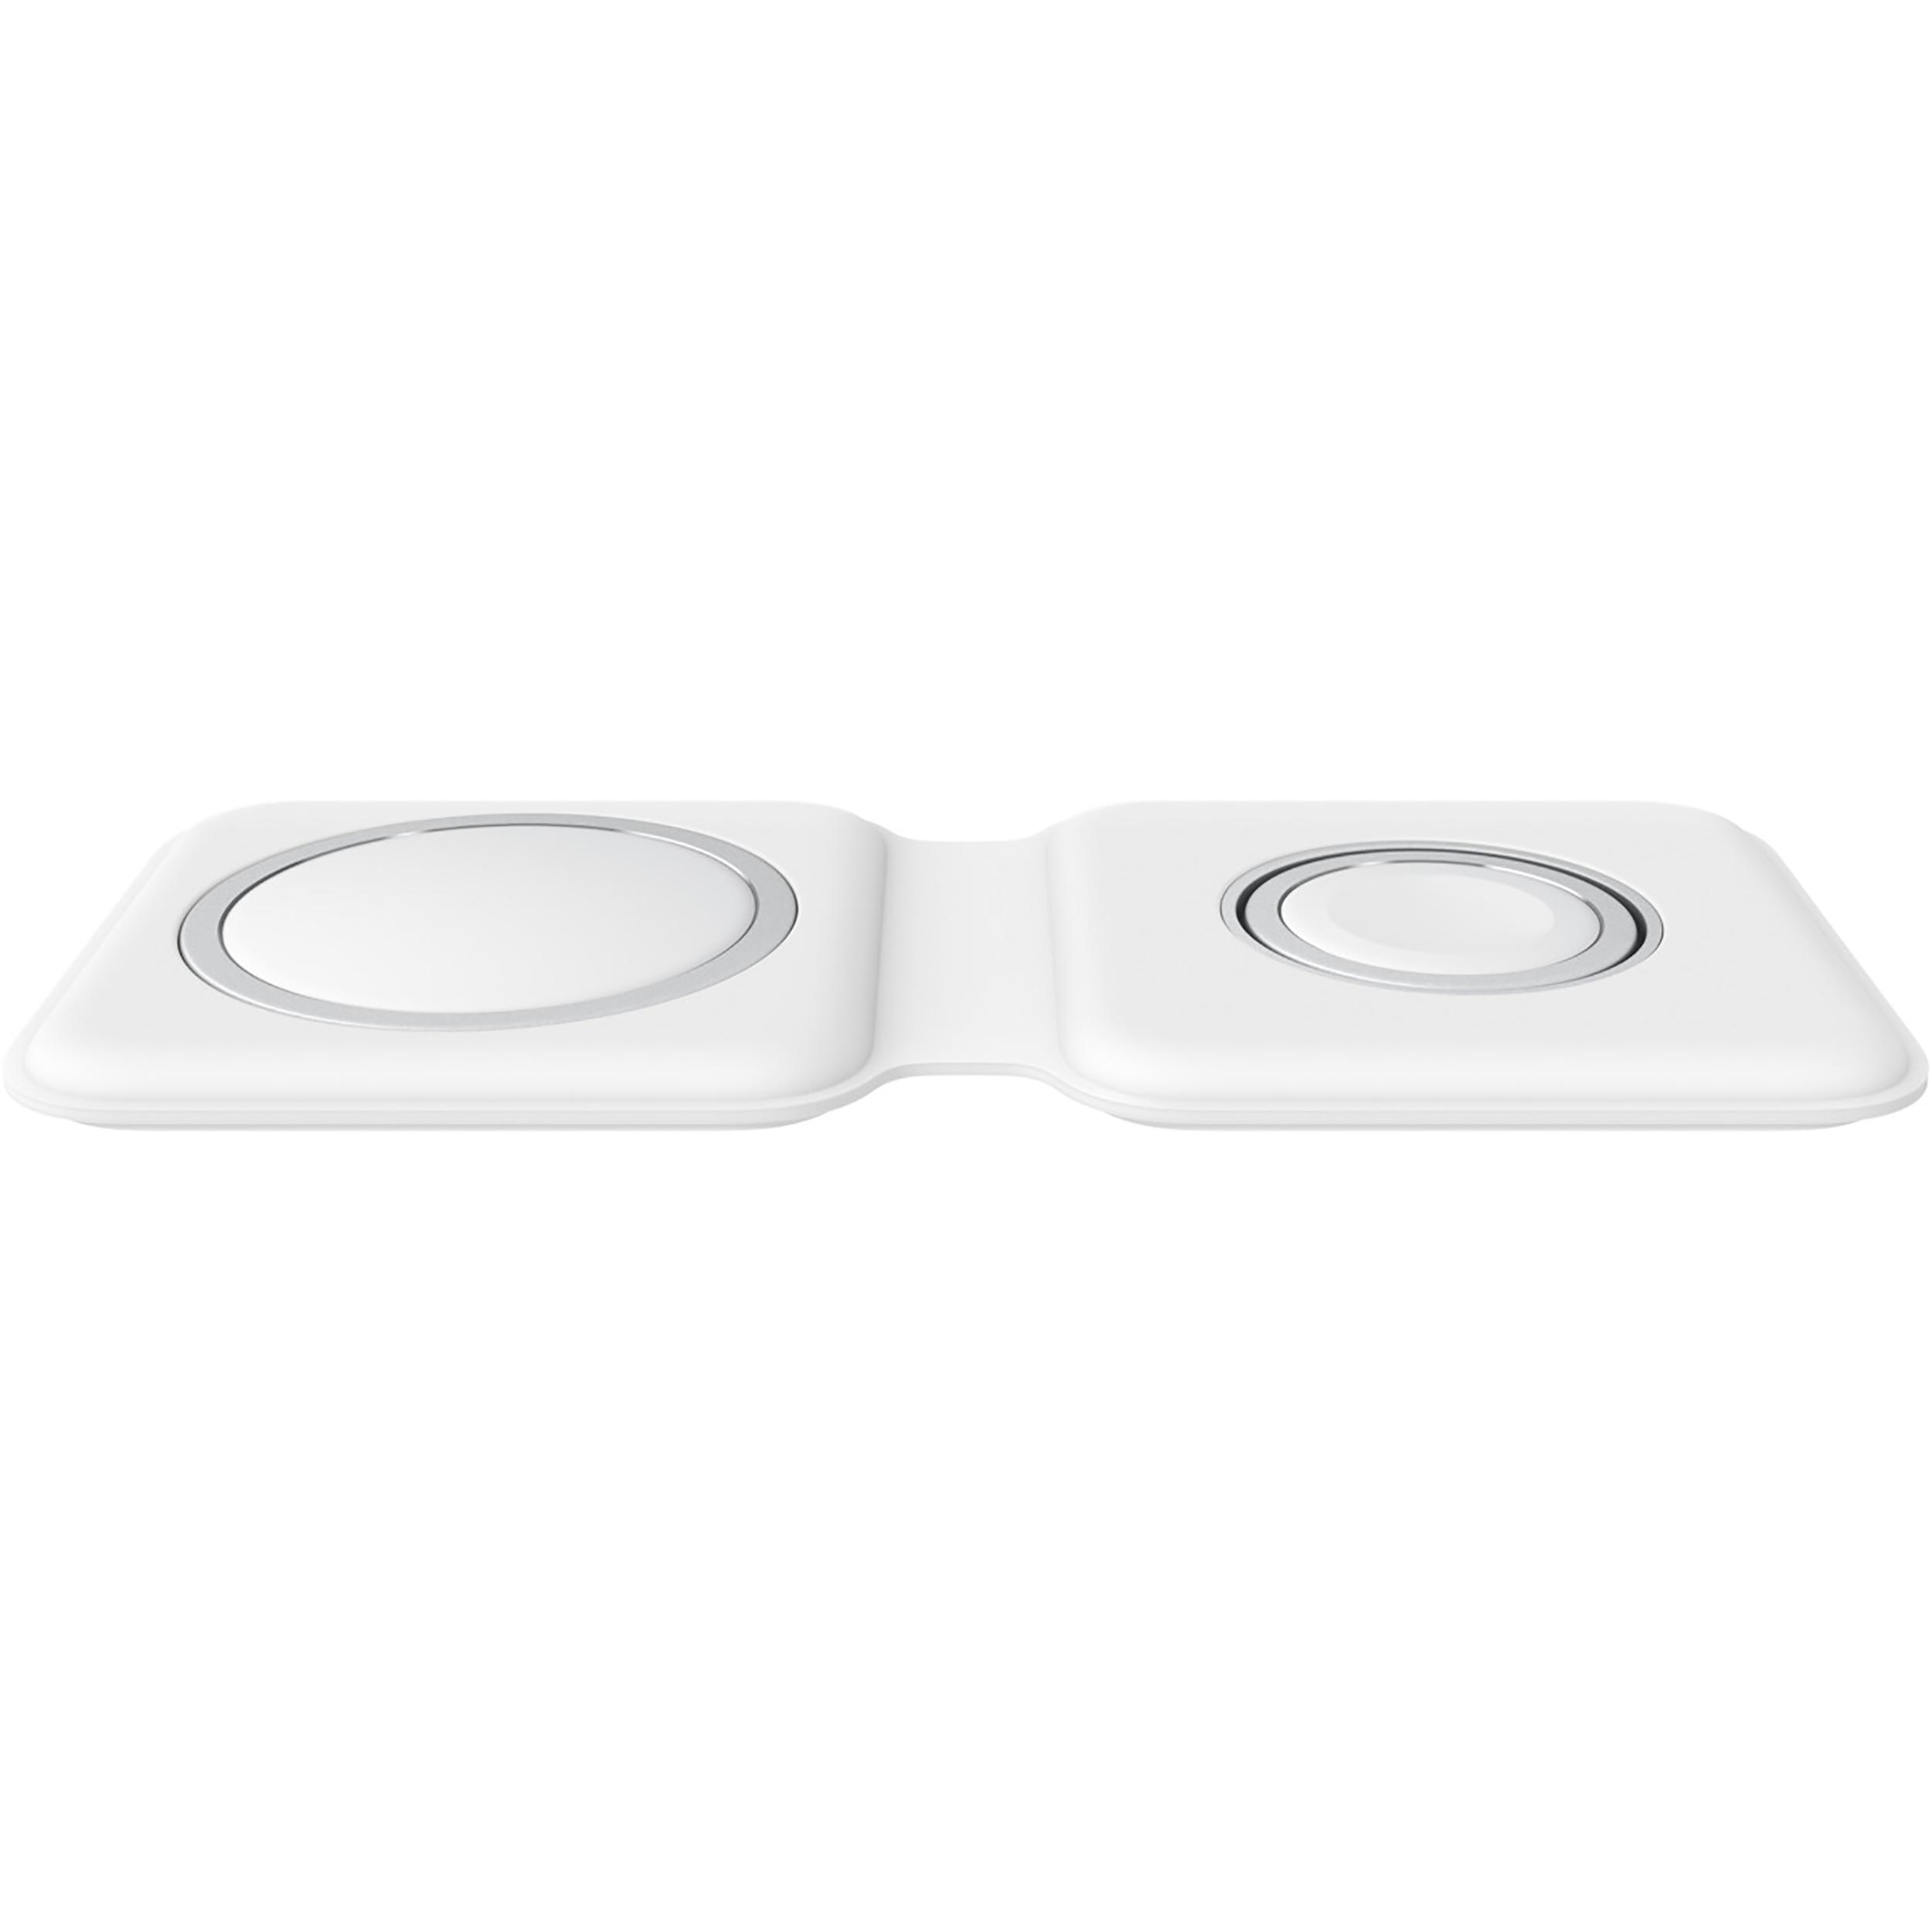 شارژر بی سیم اپل مدل MagSafe Duo